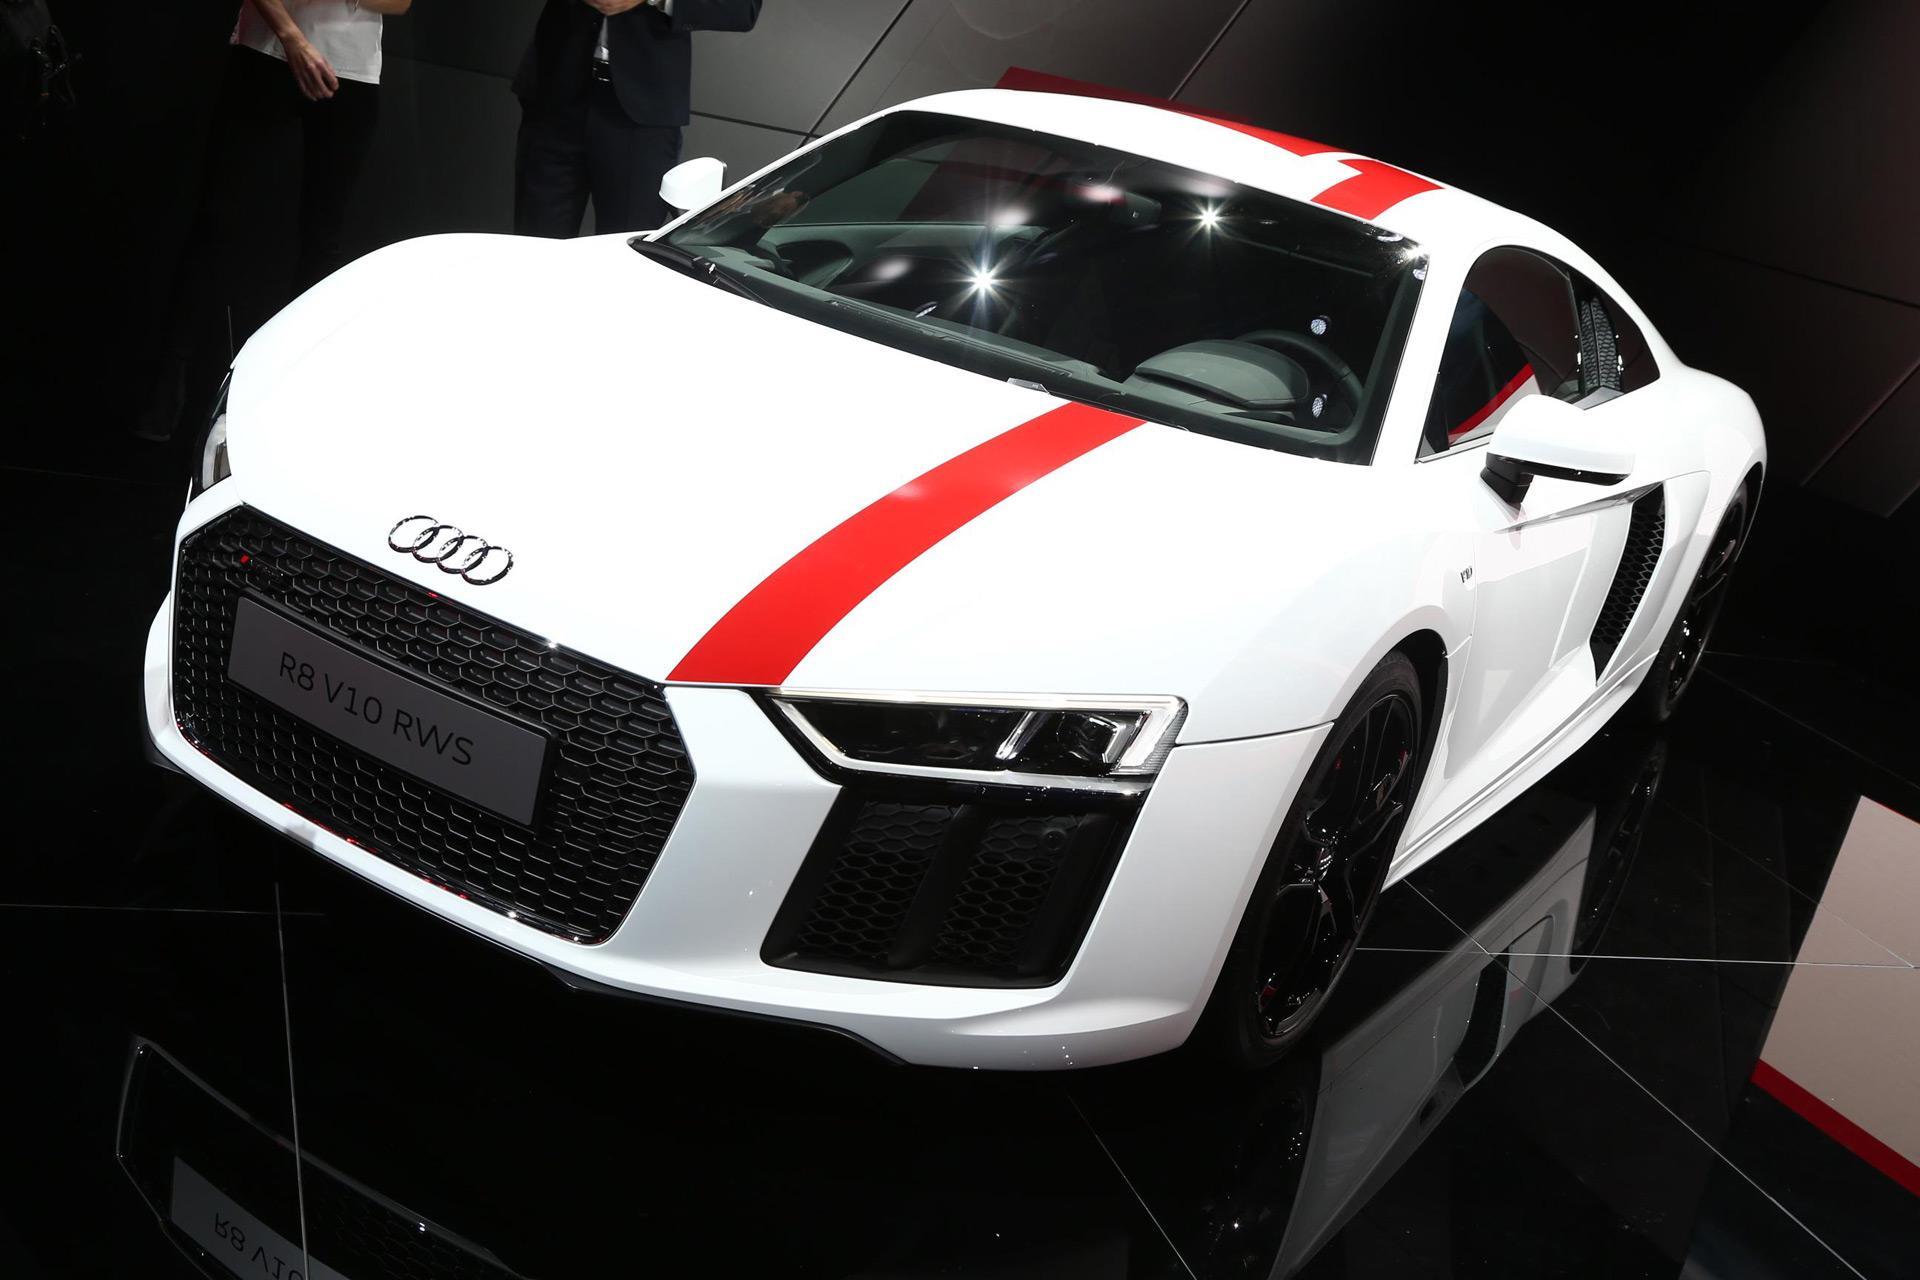 Audi R8 RWS проходит предпродажные тесты без камуфляжа